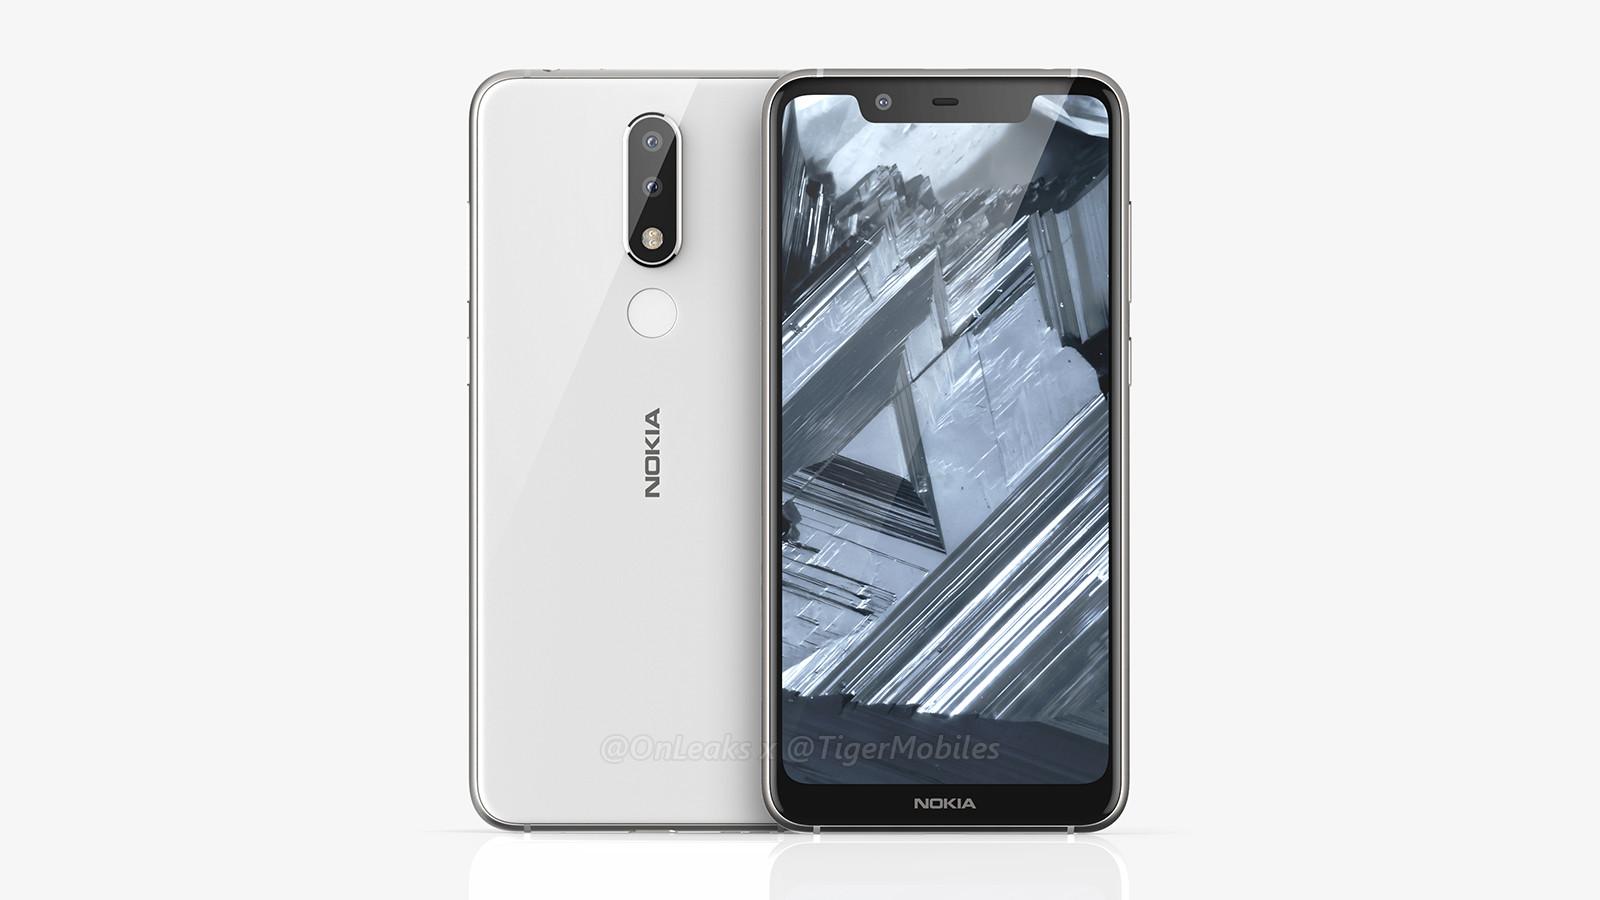 Характеристики Nokia 5.1 Plus: дисплей с «монобровью» и двойная камера